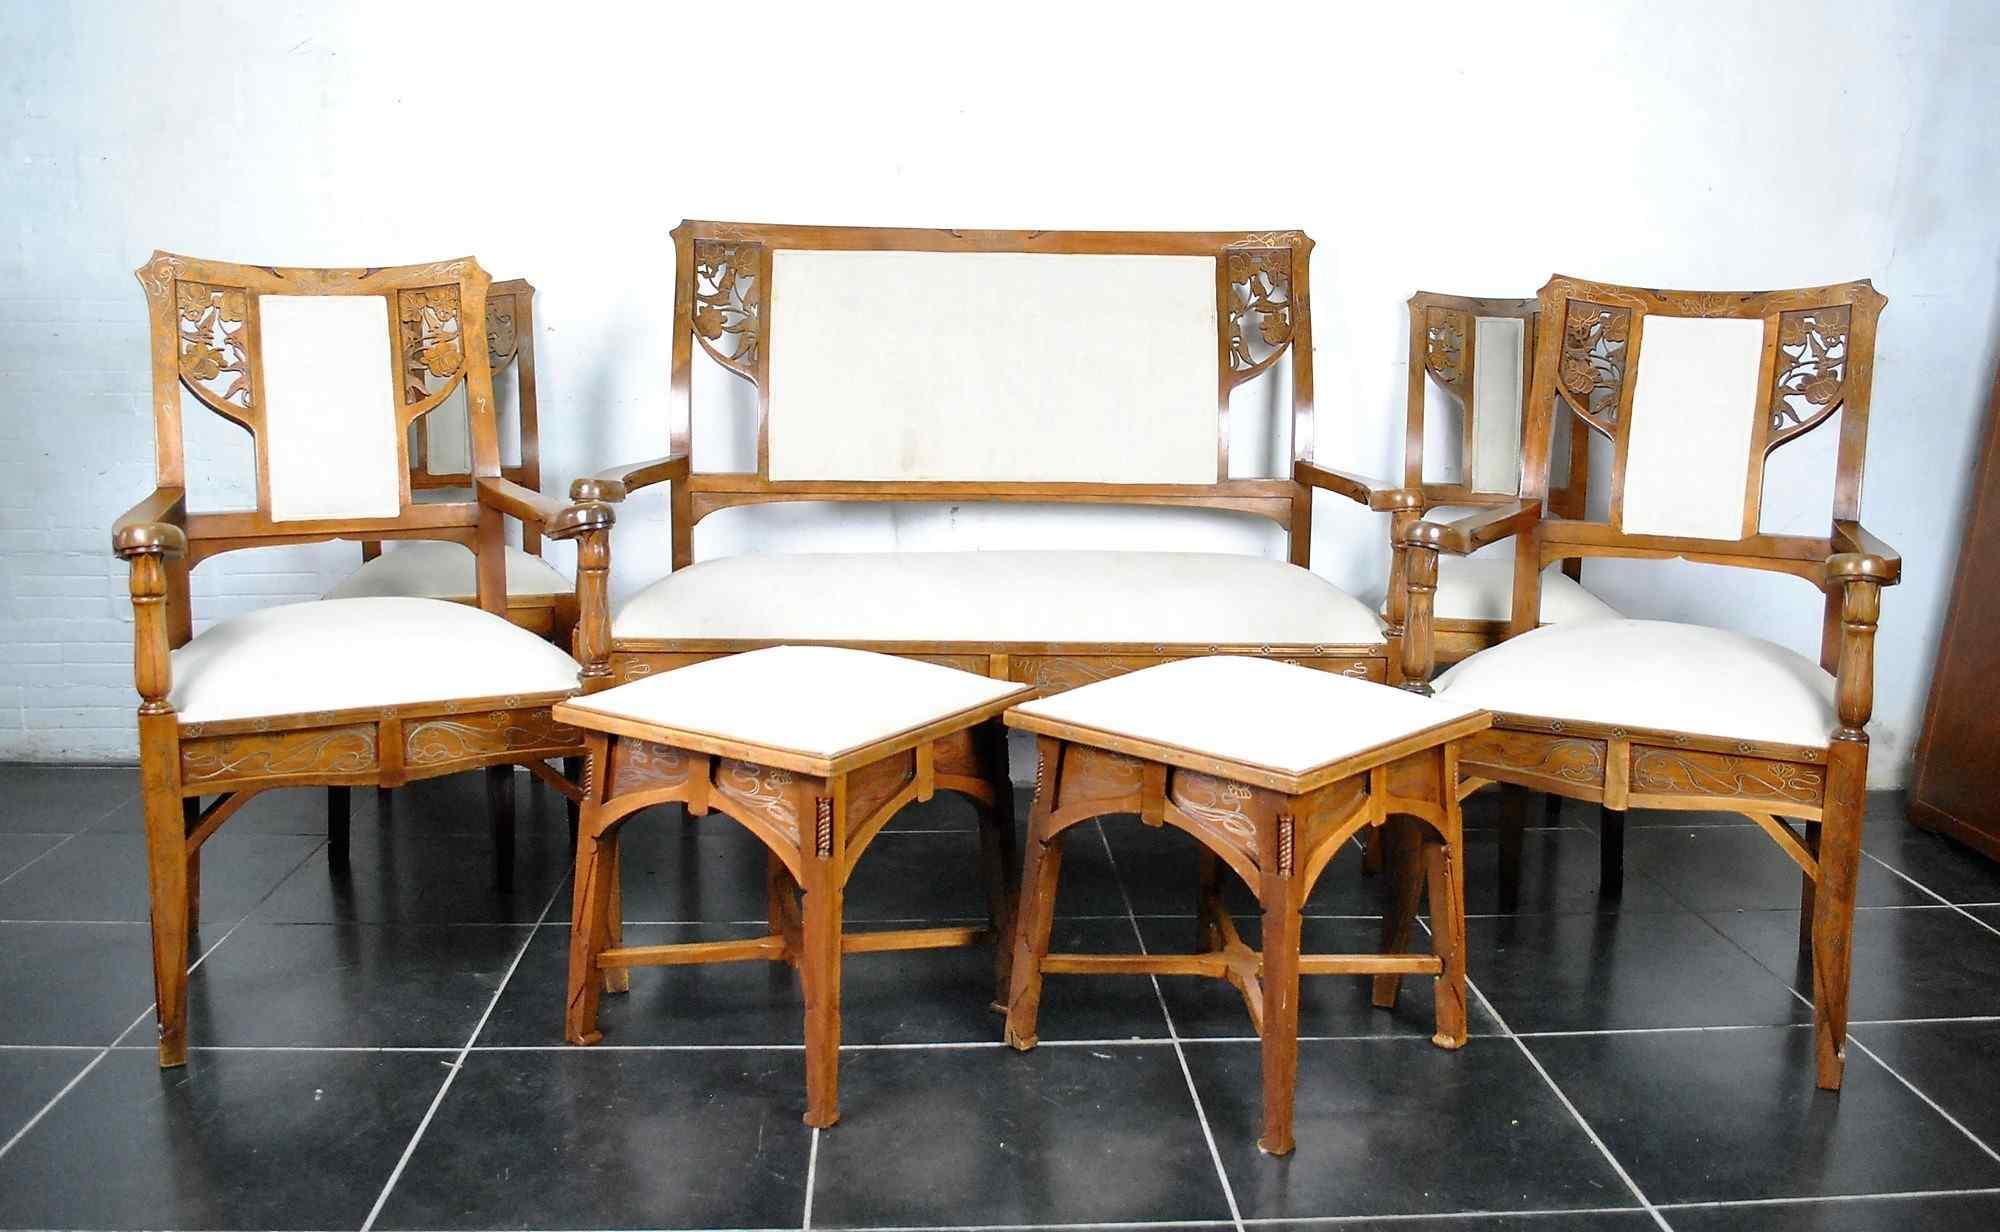 Soggiorno attribuito a E Quarti, in legno intarsiato con ott